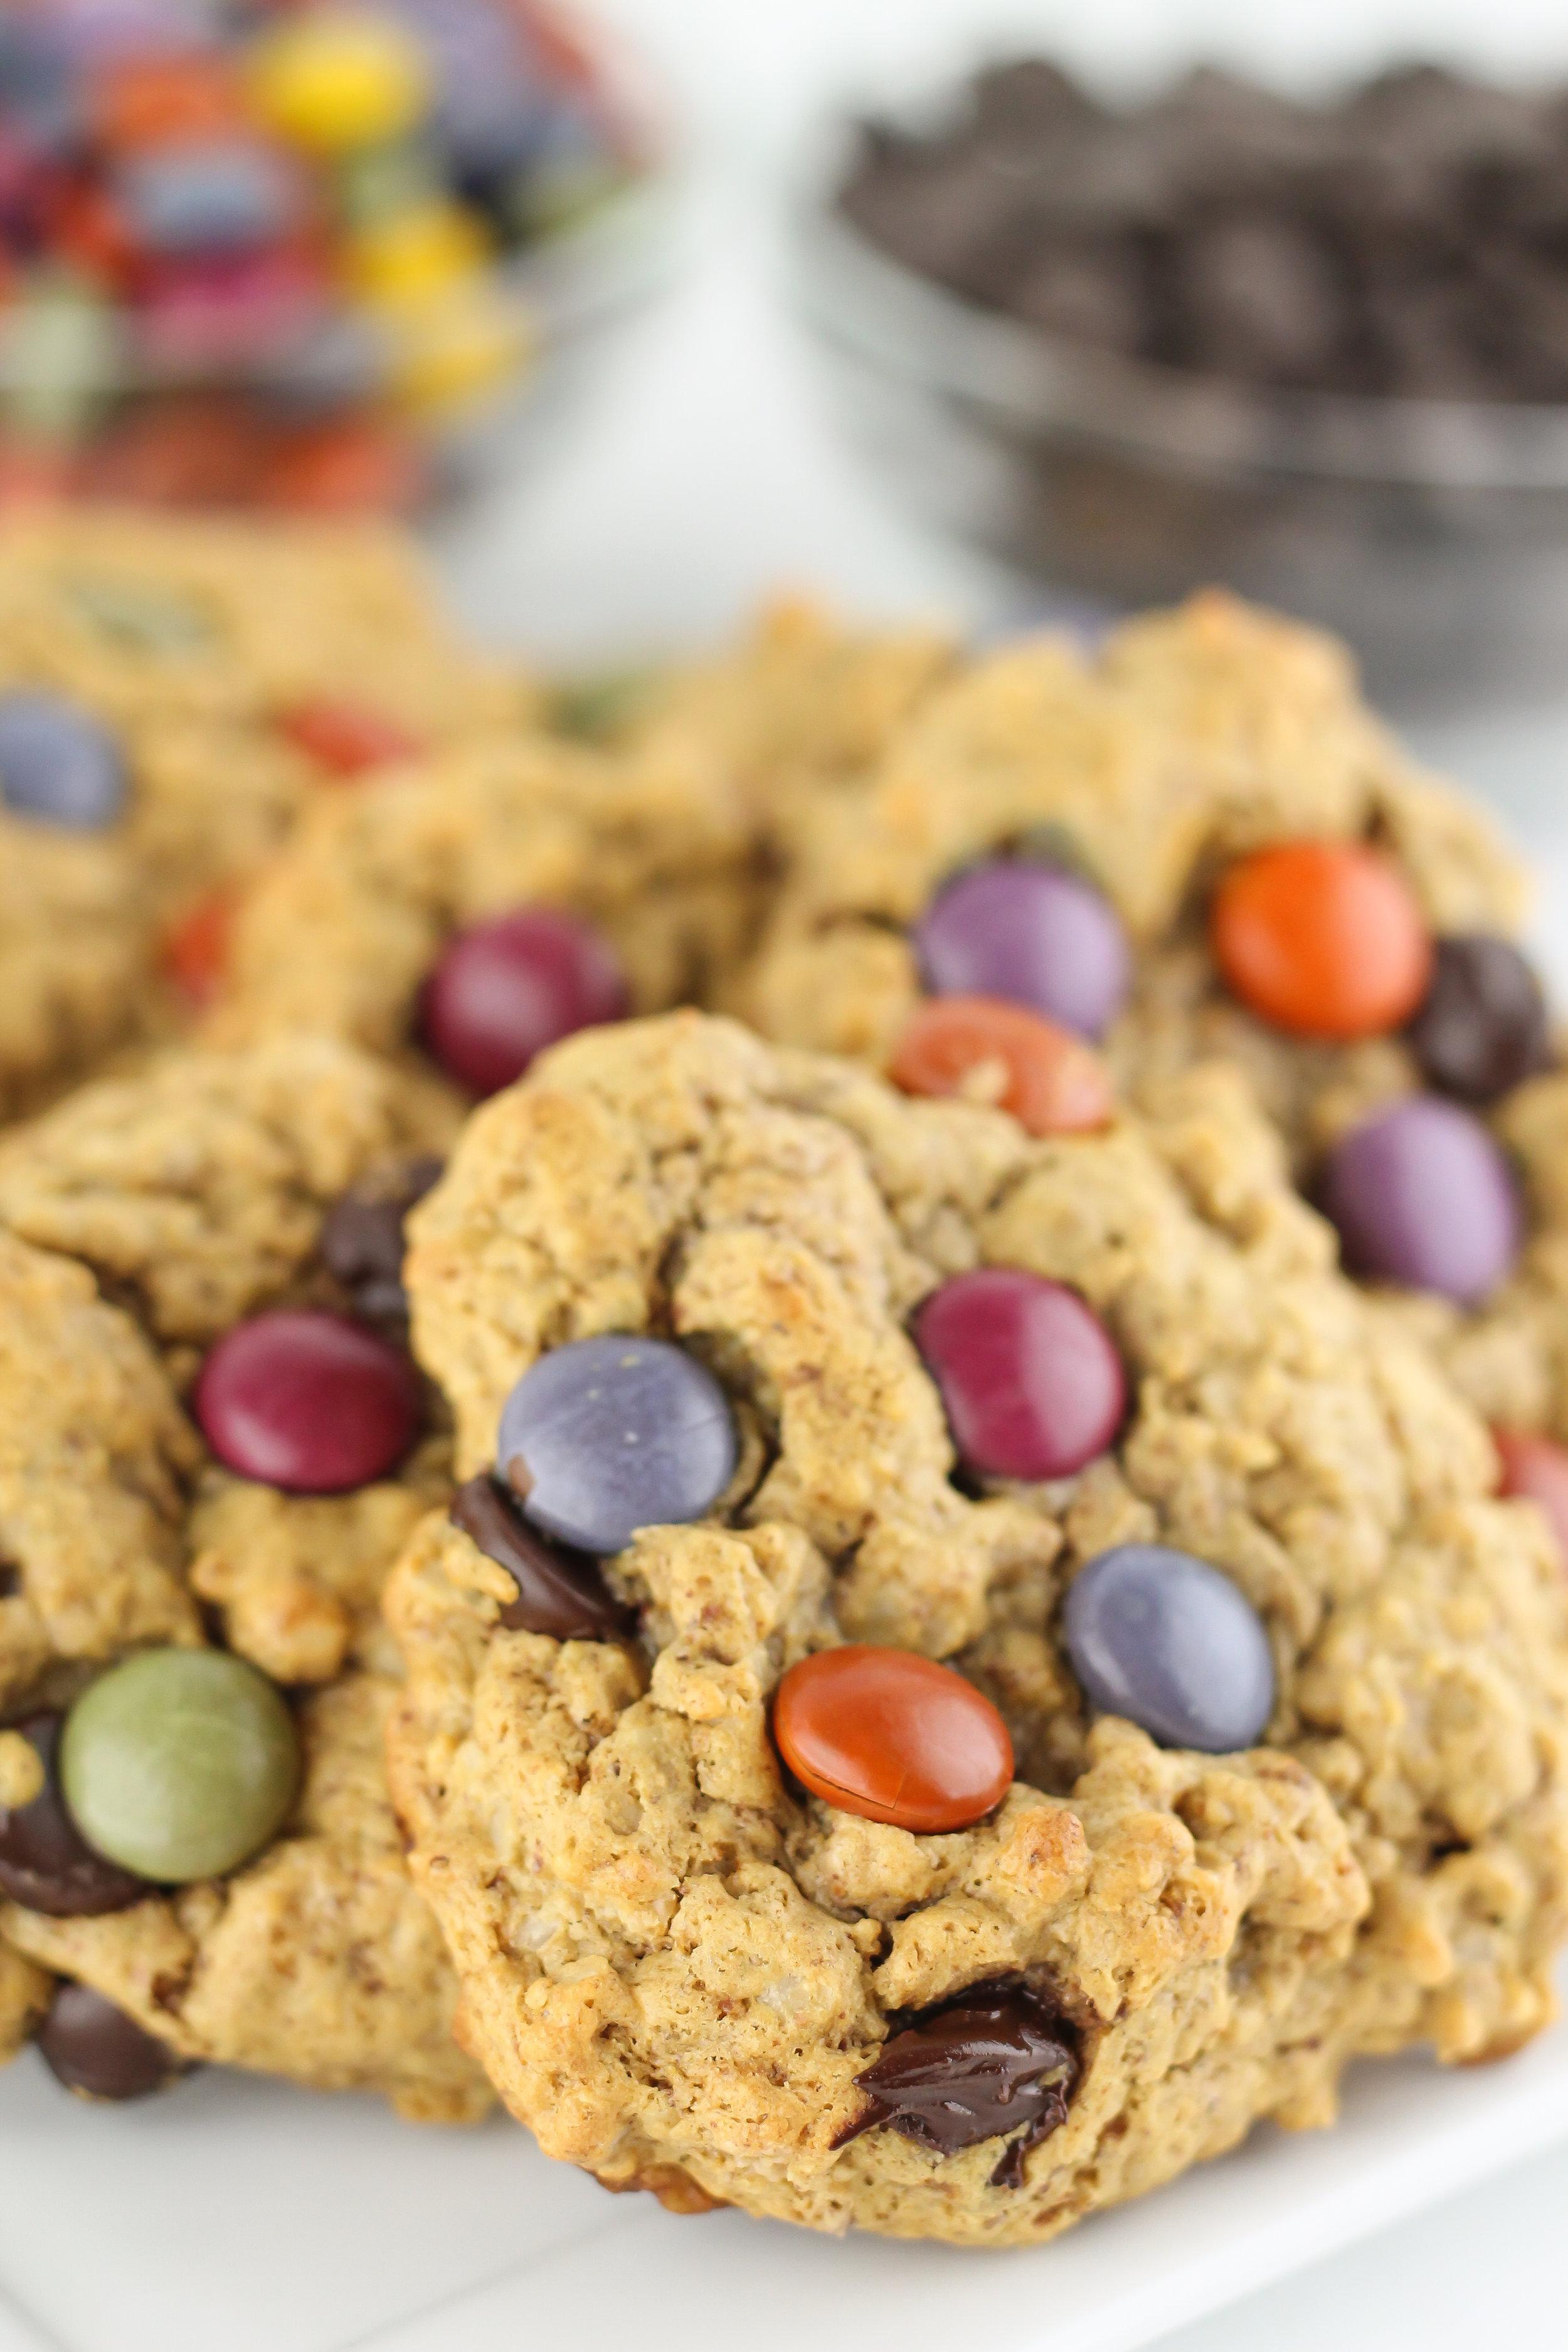 monster cookies, healthy cookies, clean cookies, paleo, food blogger, recipes, cookie bake, healthy holiday cookies, christmas cookies,